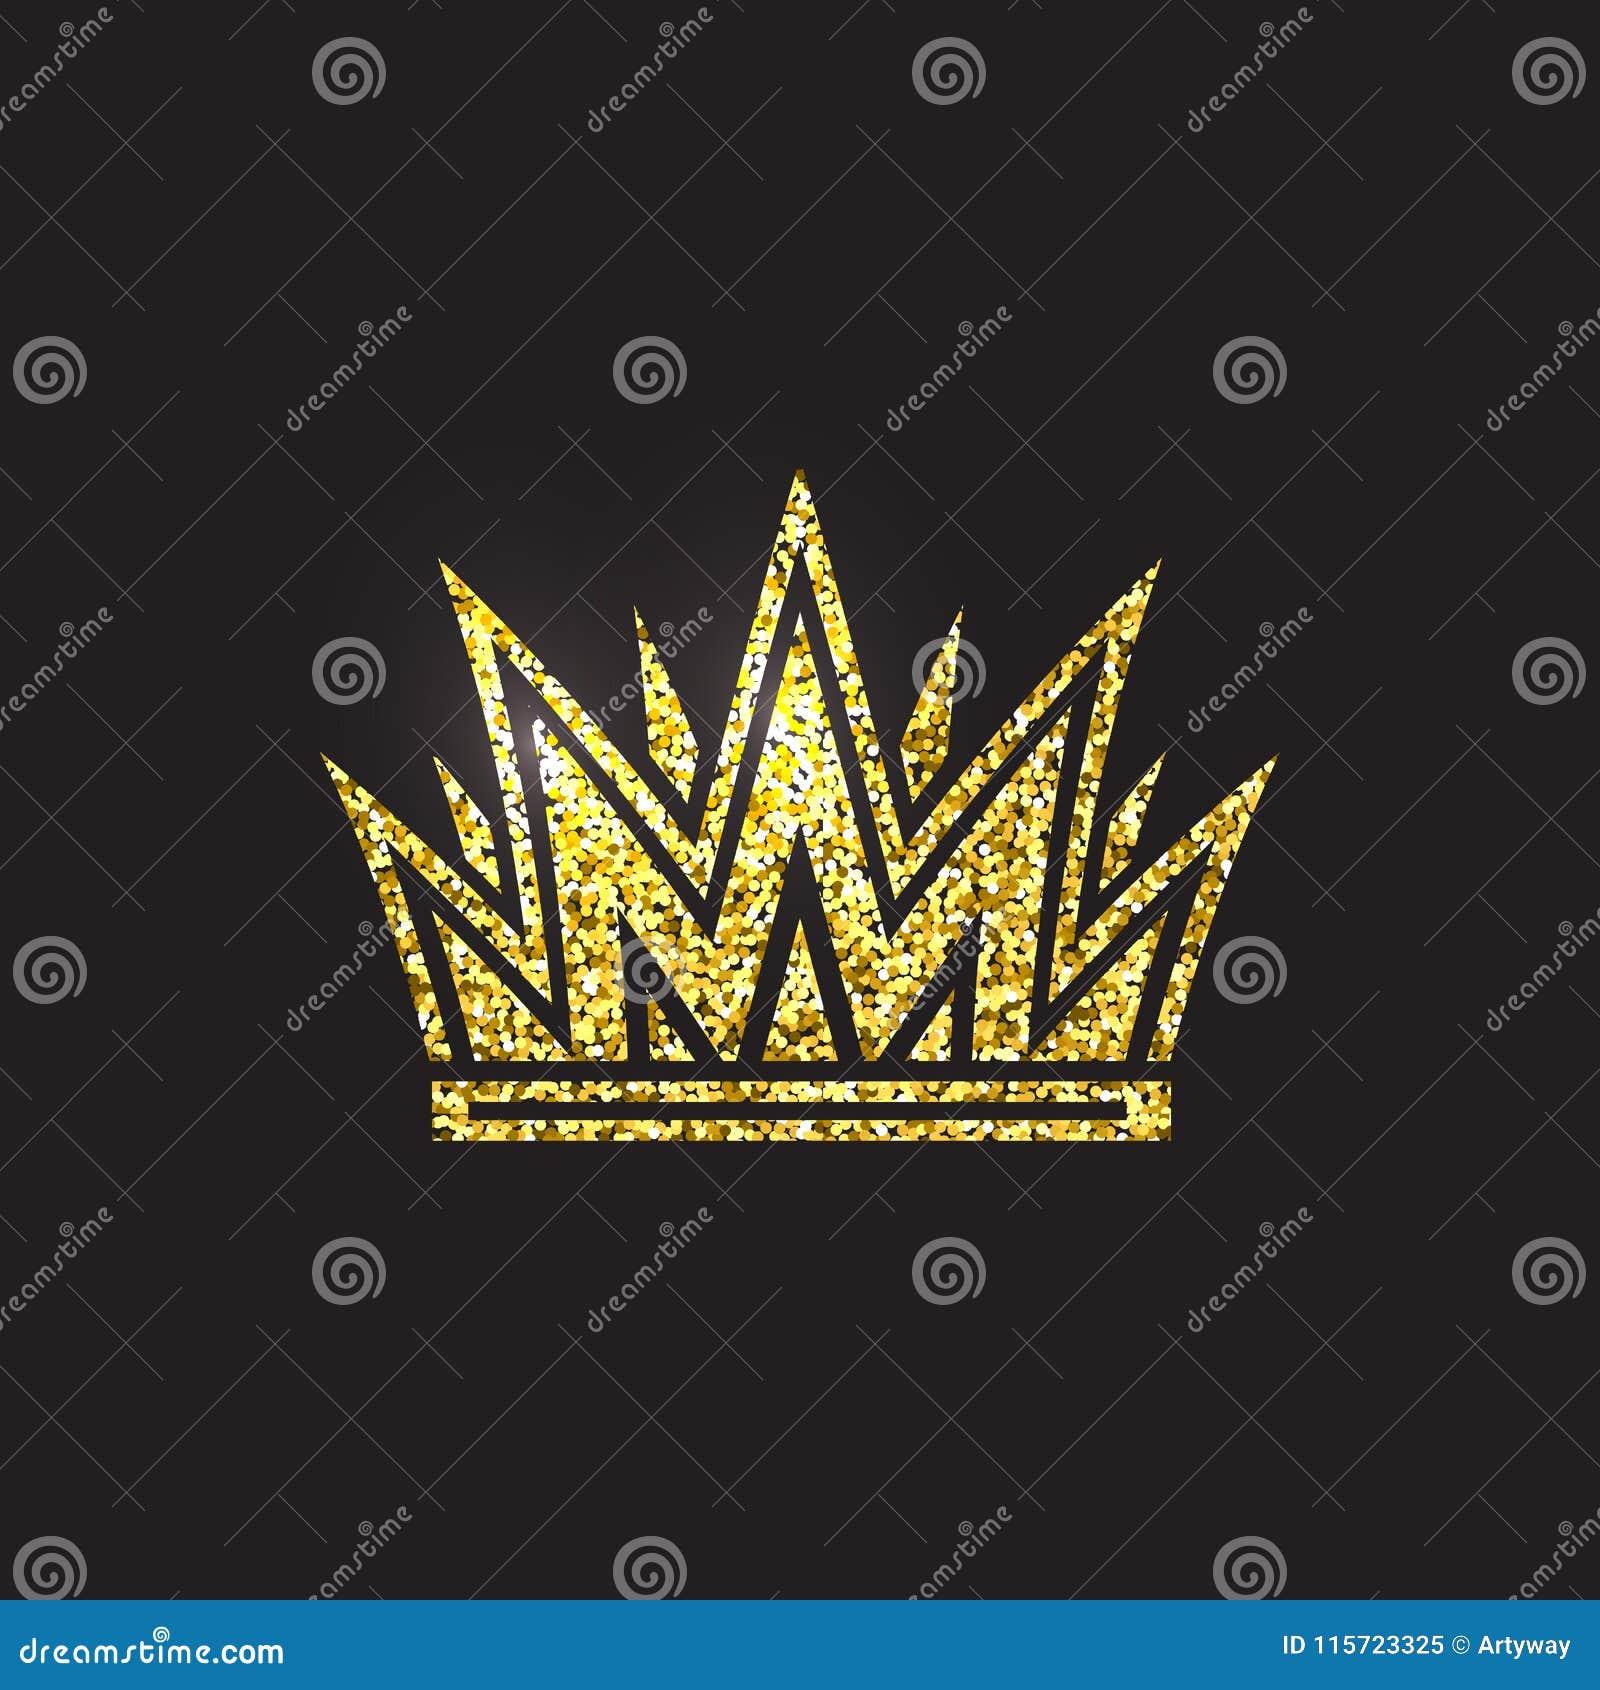 Крона ферзя, королевский головной убор золота Аксессуар короля золотой Изолированные иллюстрации вектора Символ класса элиты на ч